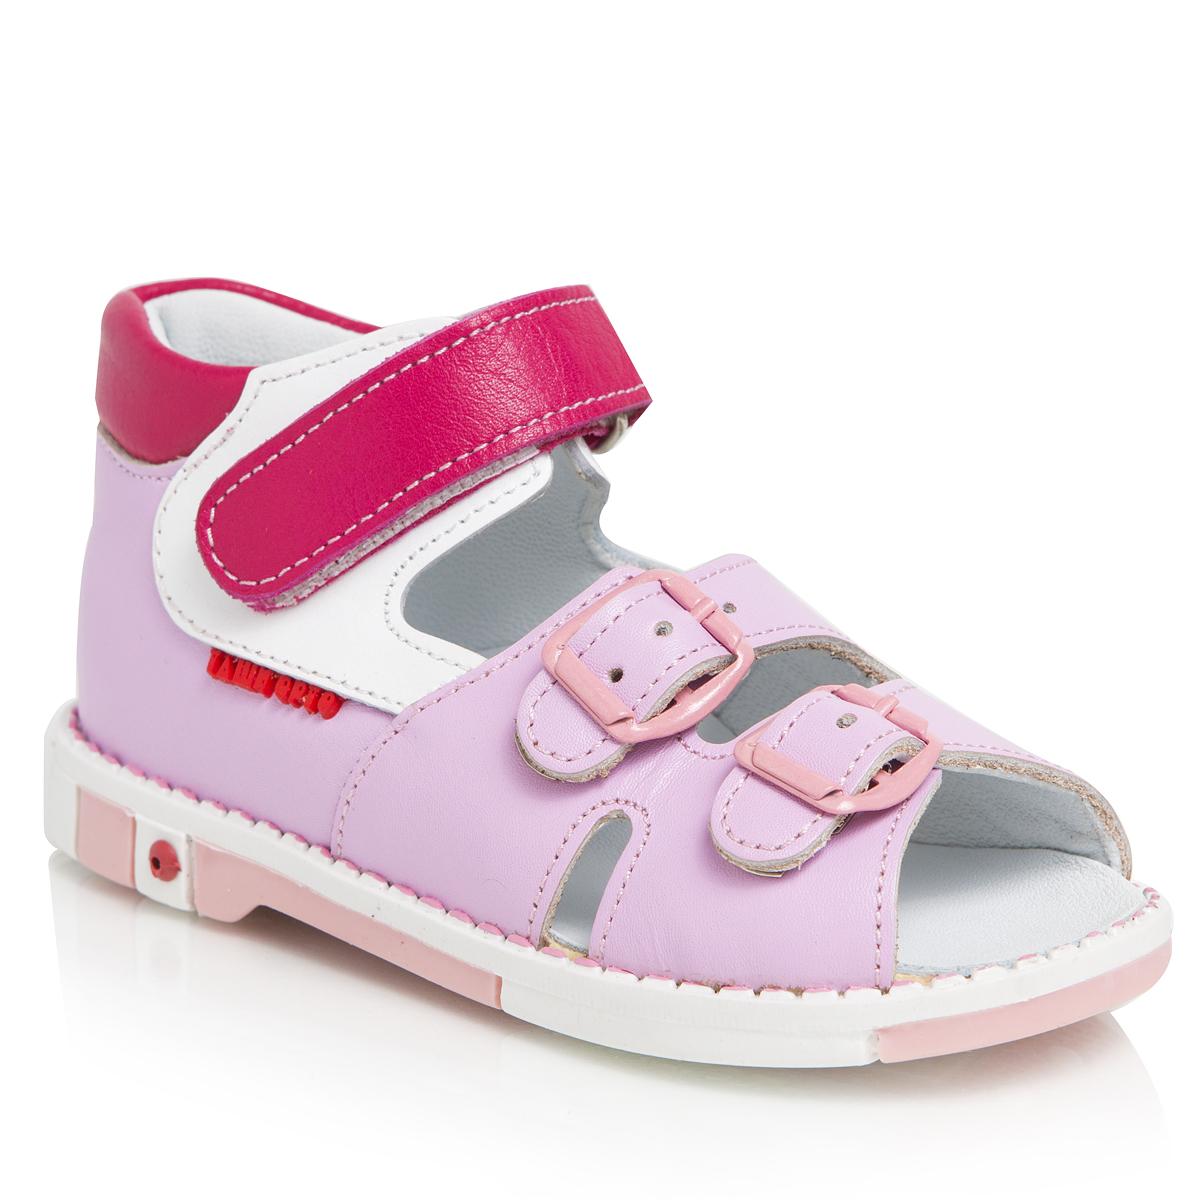 Сандалии для девочек. 301-16301-16ТАШИ ОРТО - детская профилактическая ортопедическая обувь массового производства. Ее можно носить не только детям с признаками плоскостопия и косолапия , но и для профилактики подобных отклонений. А многим детям ортопедическая обувь НЕОБХОДИМА для коррекции стопы, исправления походки и осанки.